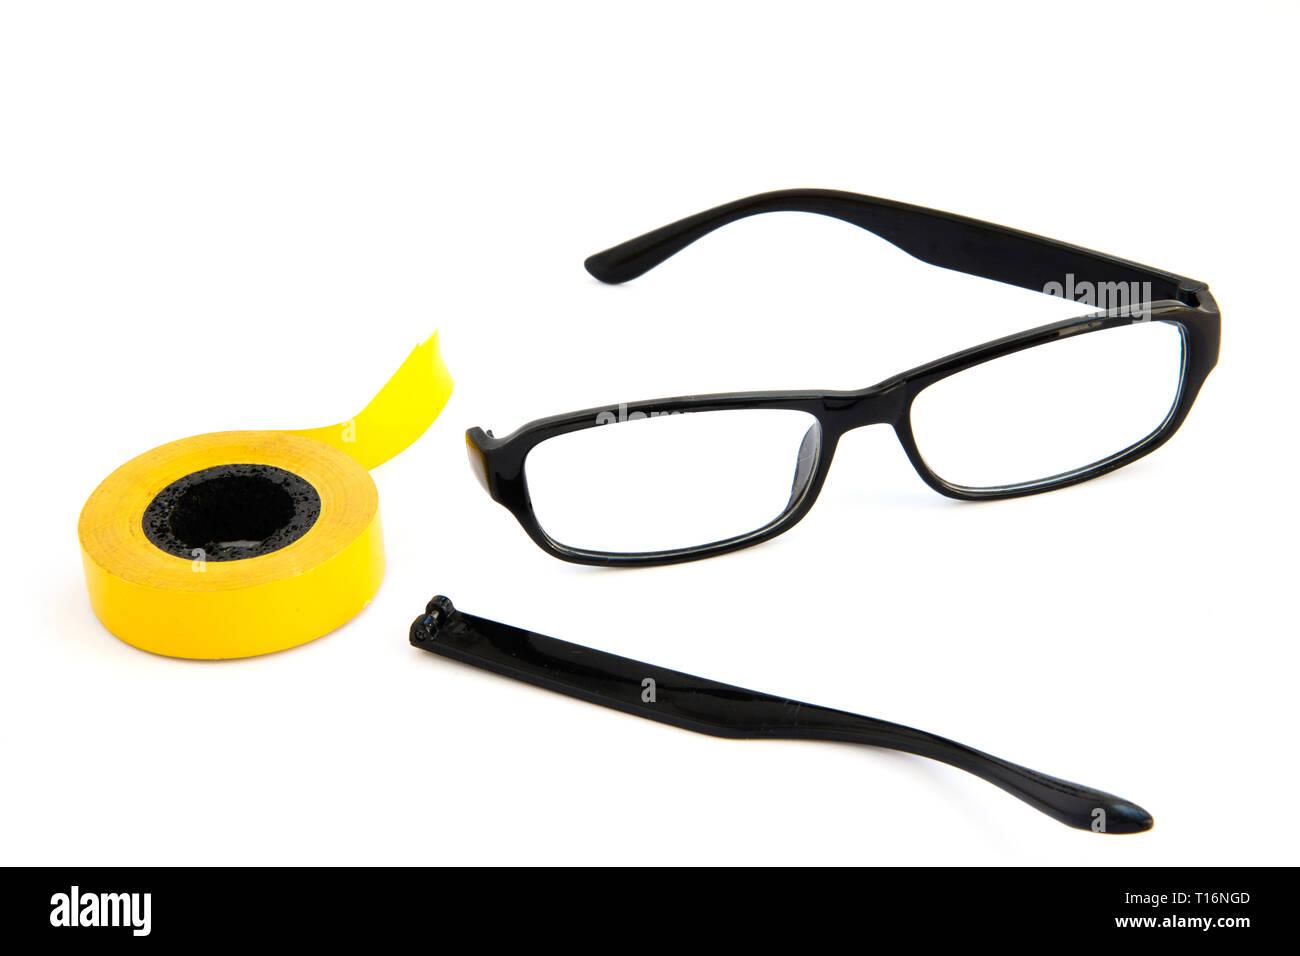 Broken Eye Glasses Isolated On White Background Black